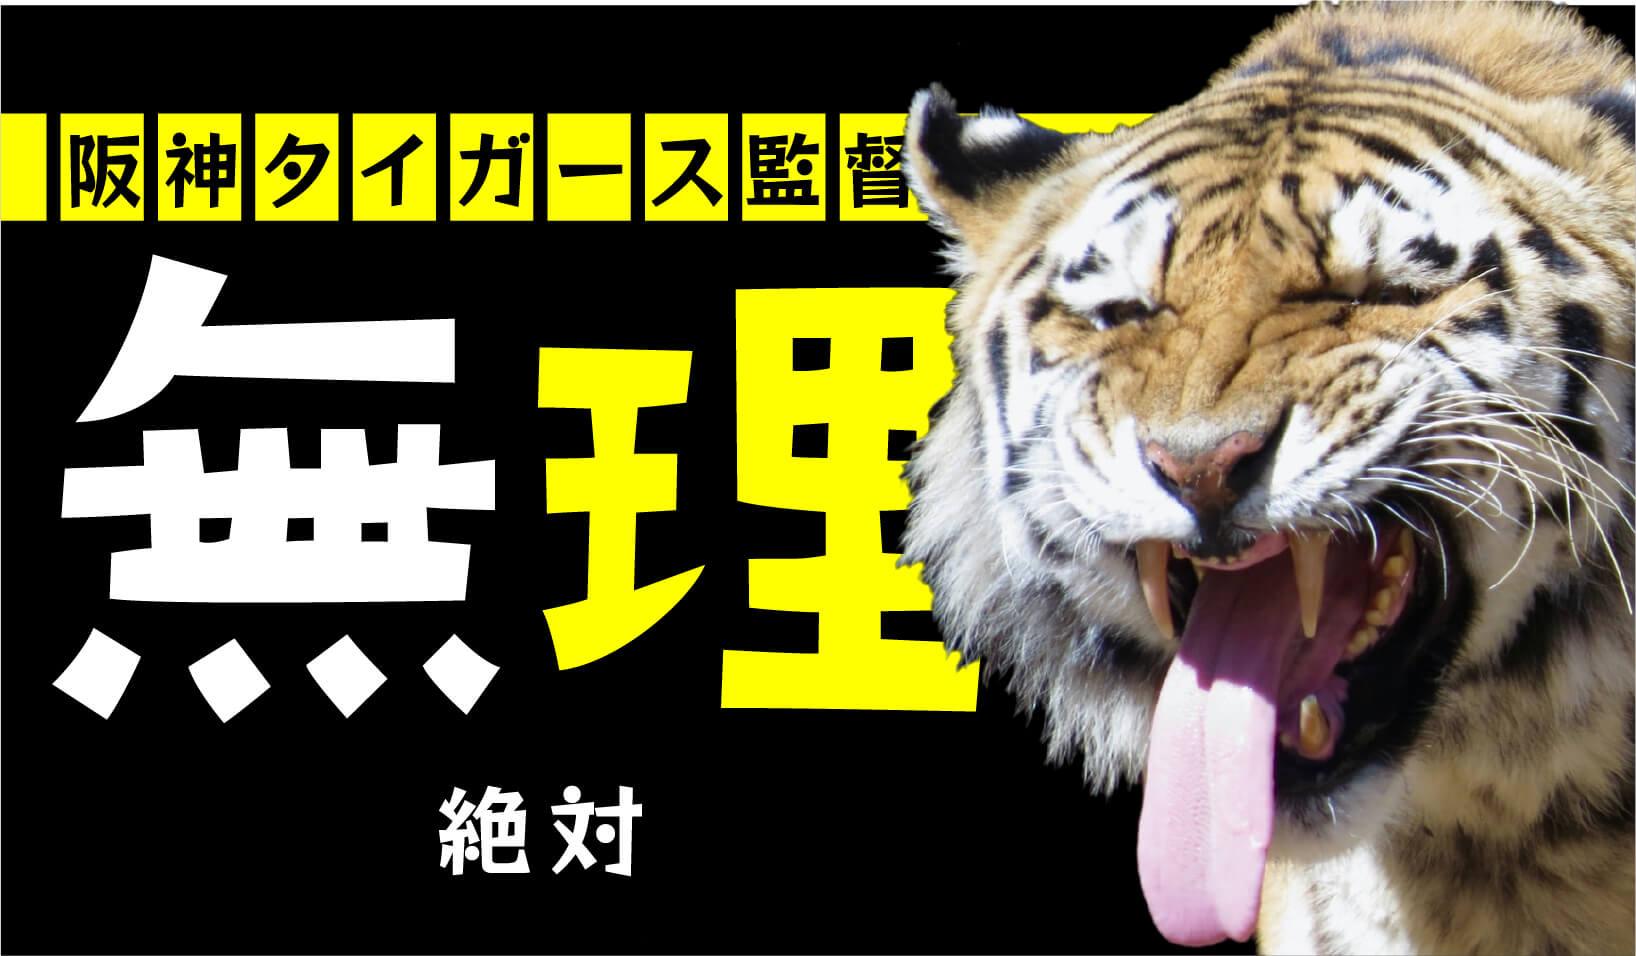 世の中で1番きつい仕事は阪神タイガースの監督じゃないかな